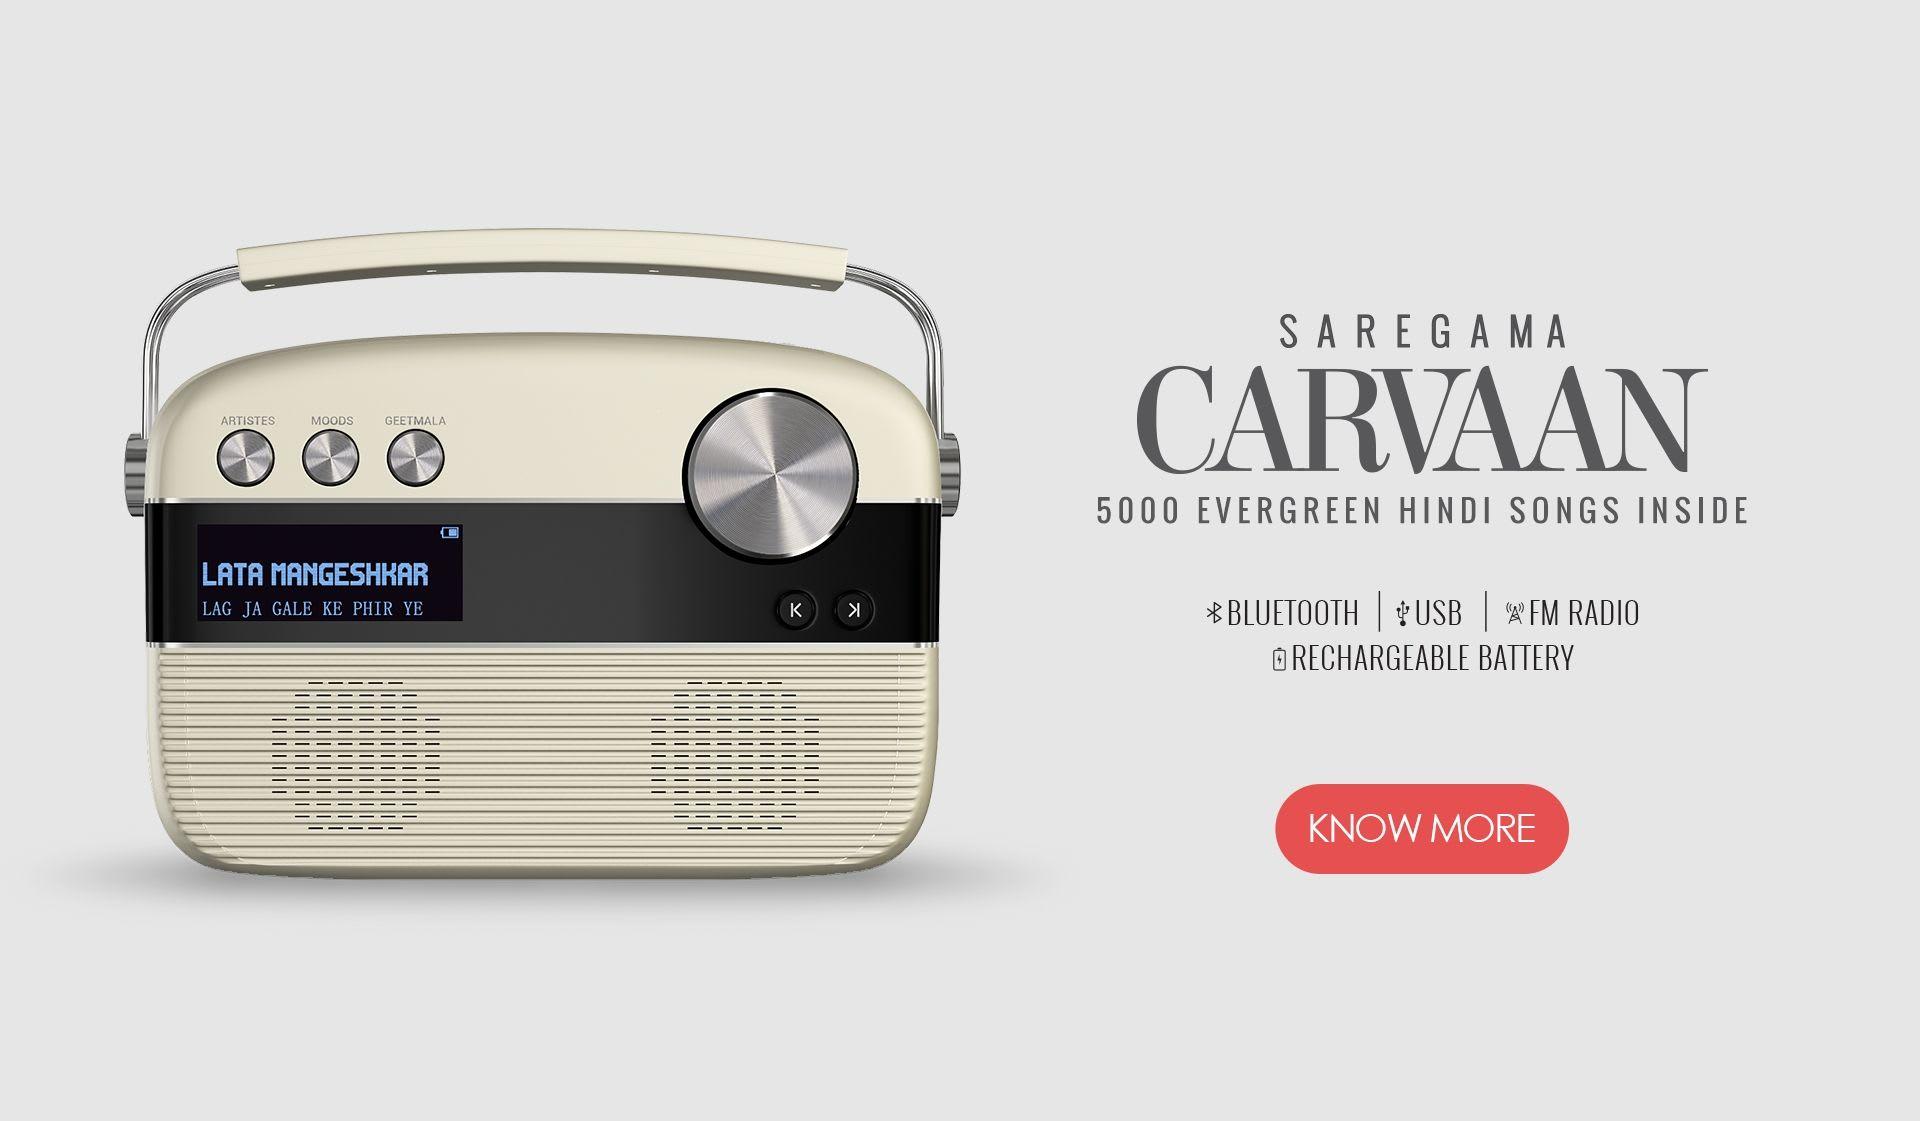 Caravaan